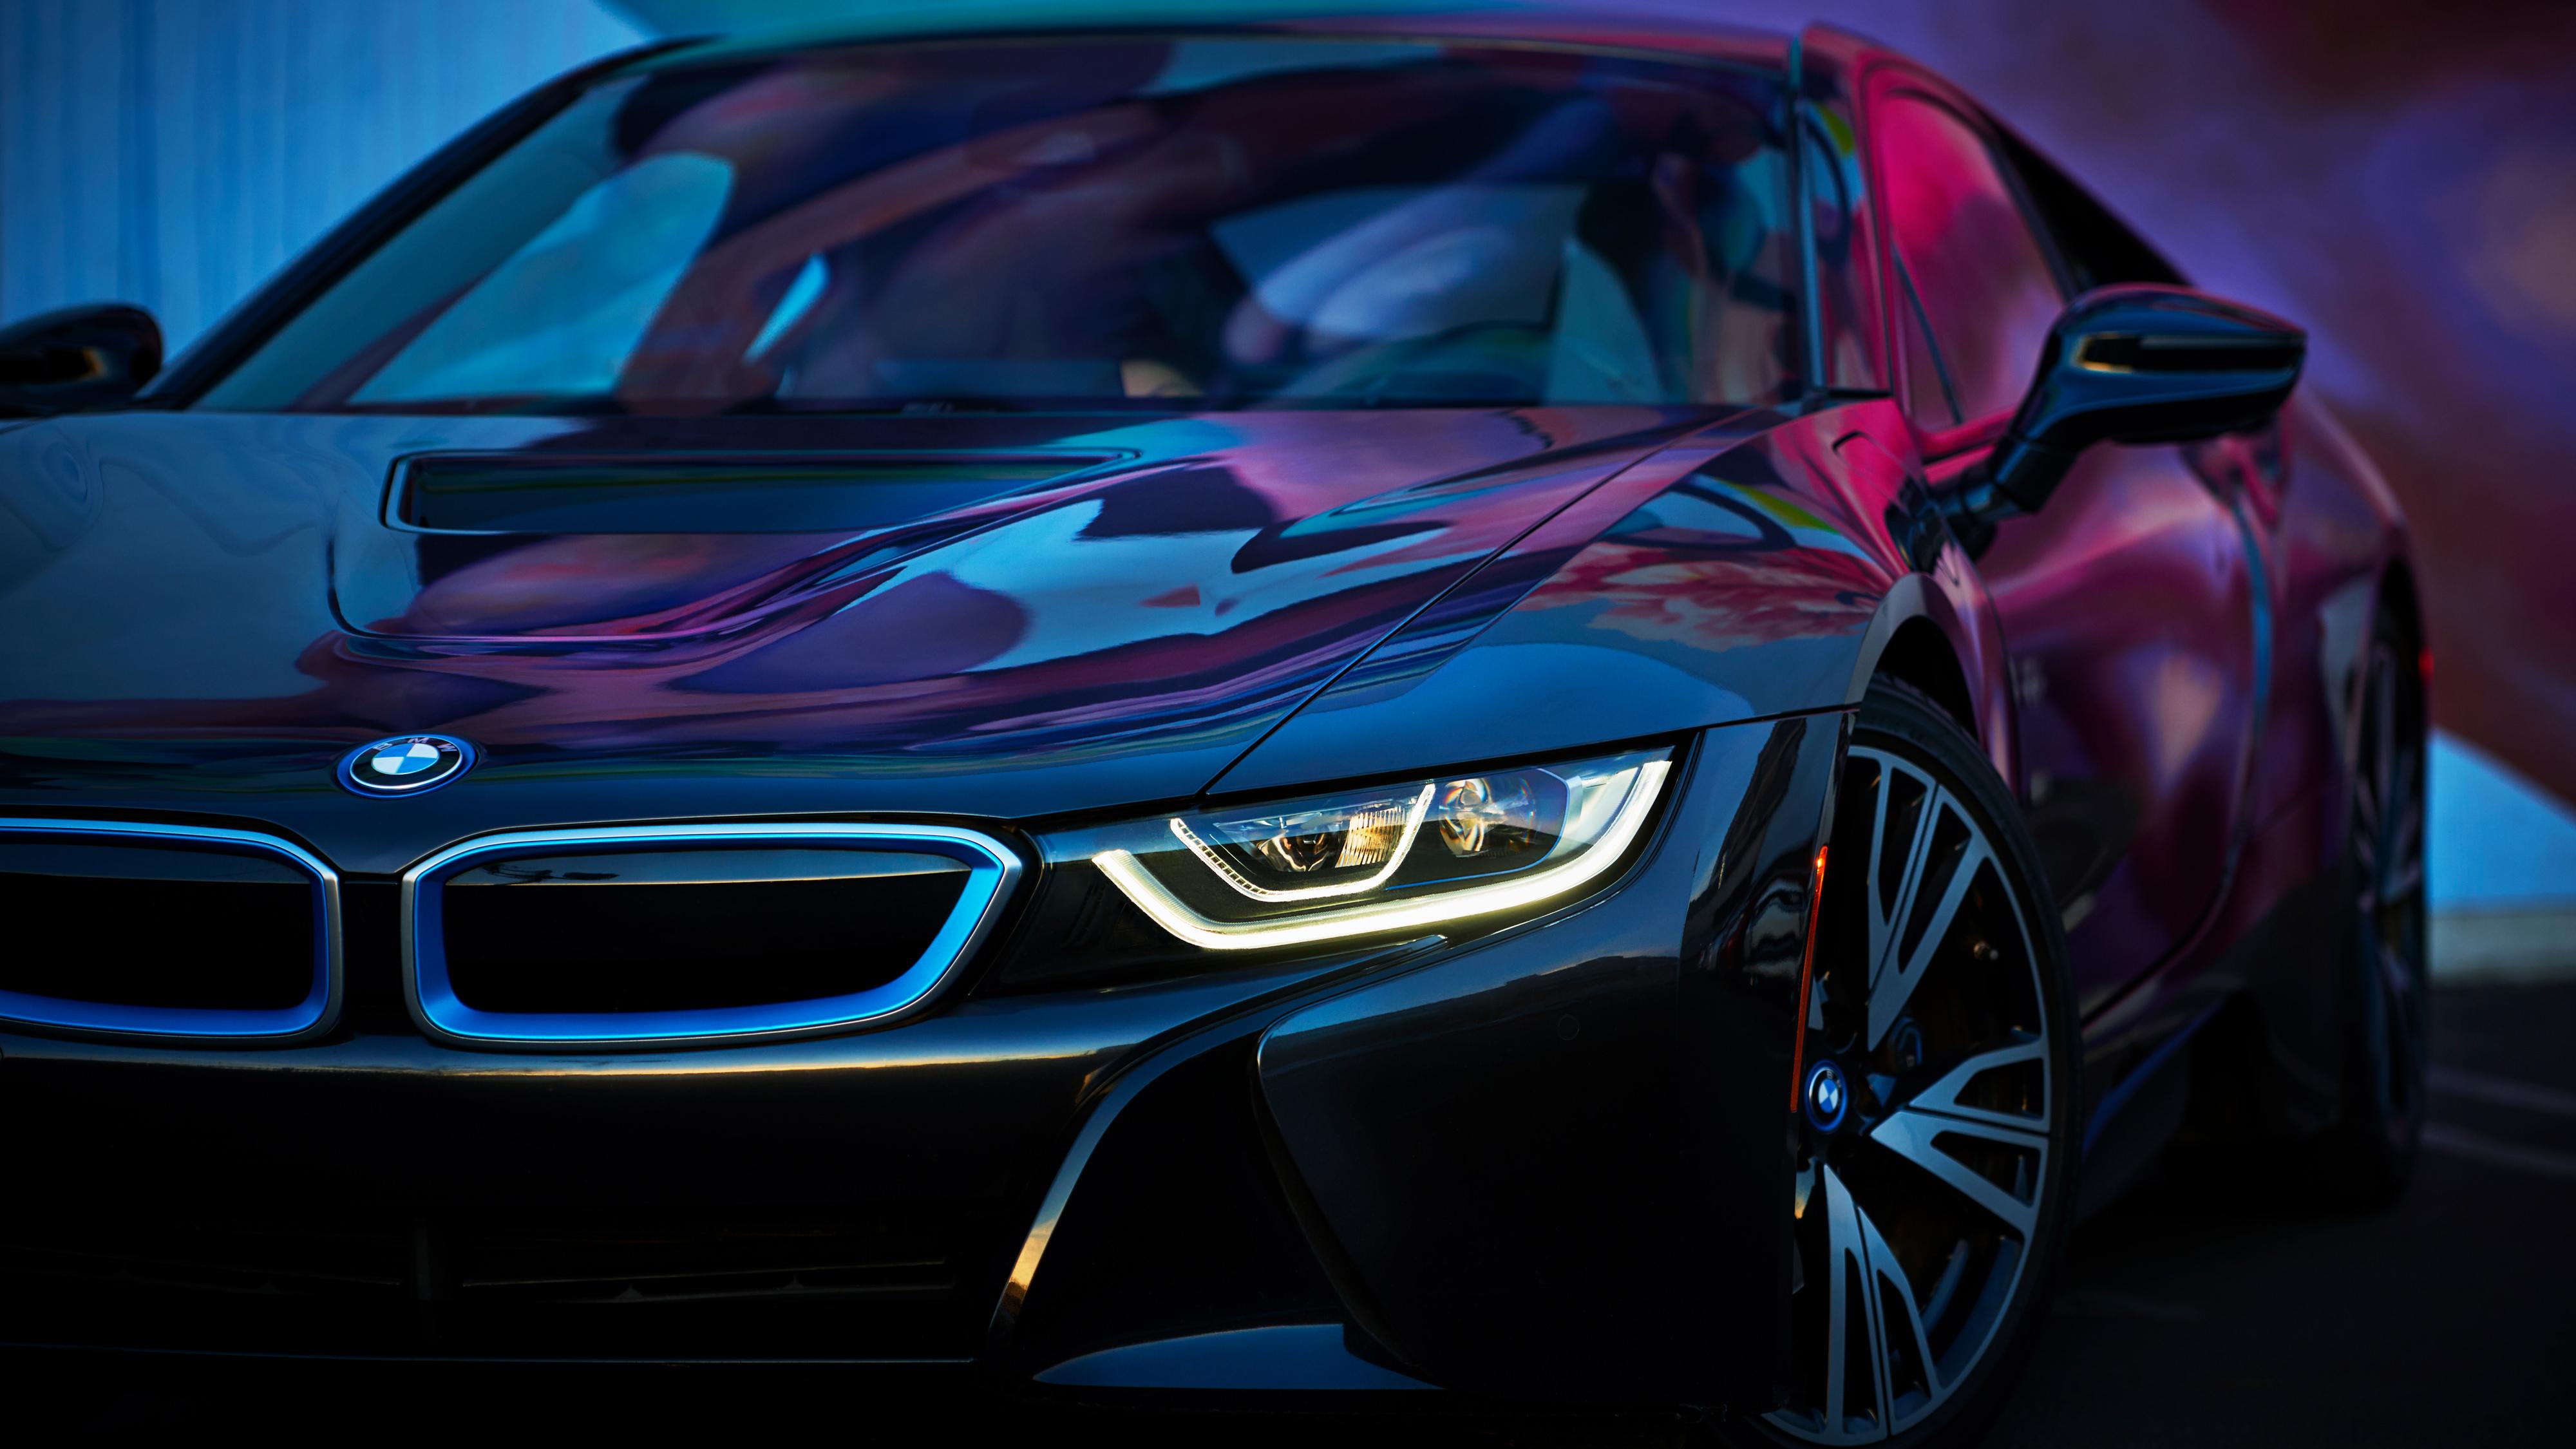 Bmw I8 Car Concept 4k Hd Desktop Wallpaper For 4k Ultra Hd: 2018 BMW I8 4K Wallpaper